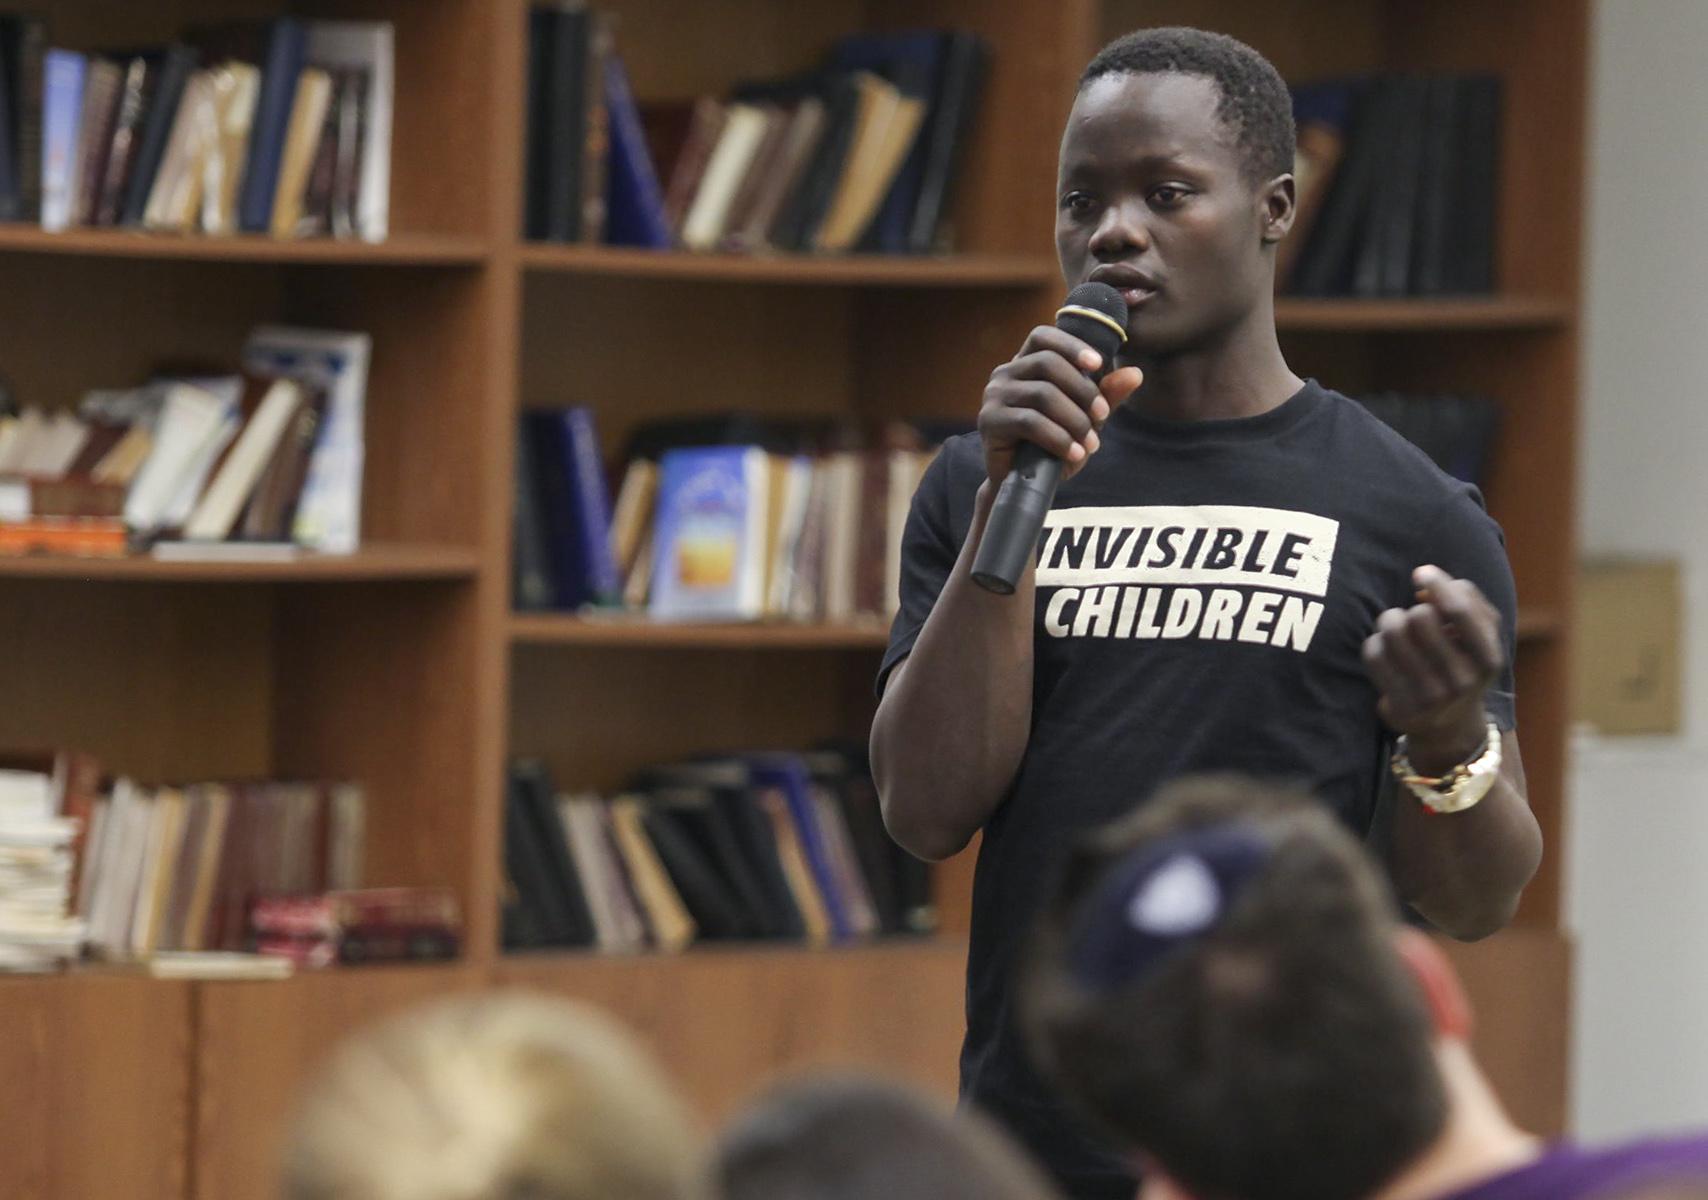 Invisible No More | Yeshiva University News